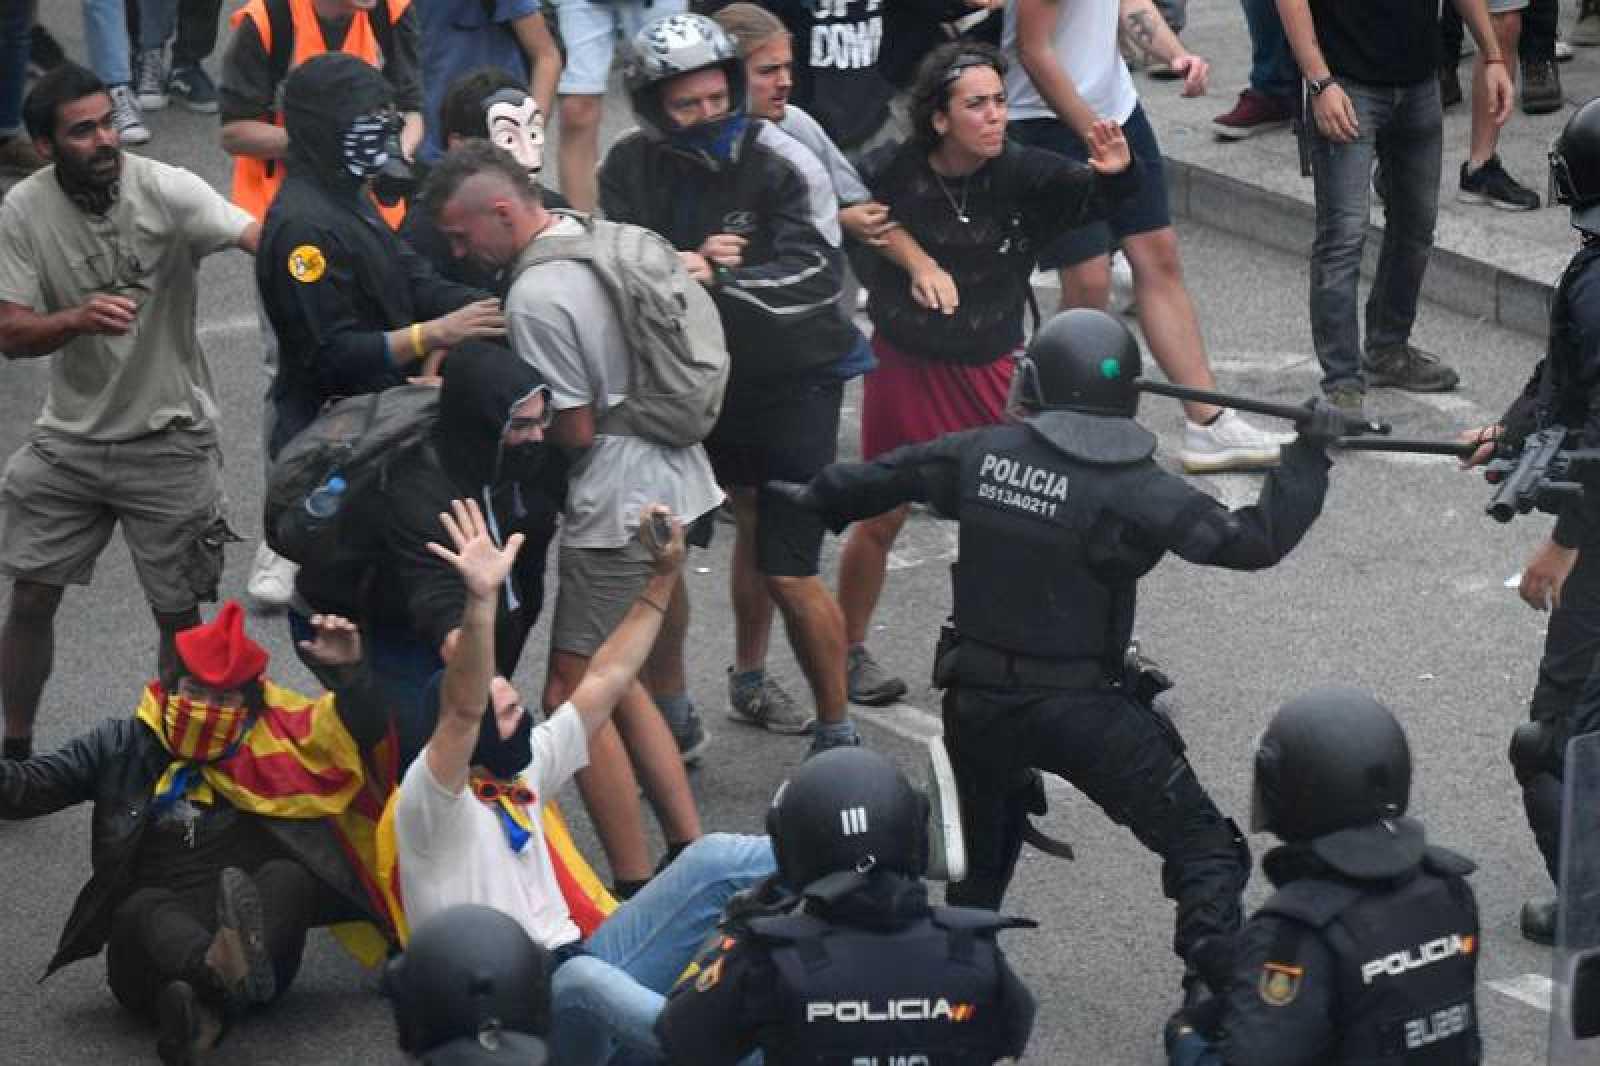 Cargas policiales en el Aeropuerto tras conocer la sentencia, con al menos 67 vuelos cancelados por las protestas en el Aeropuerto.